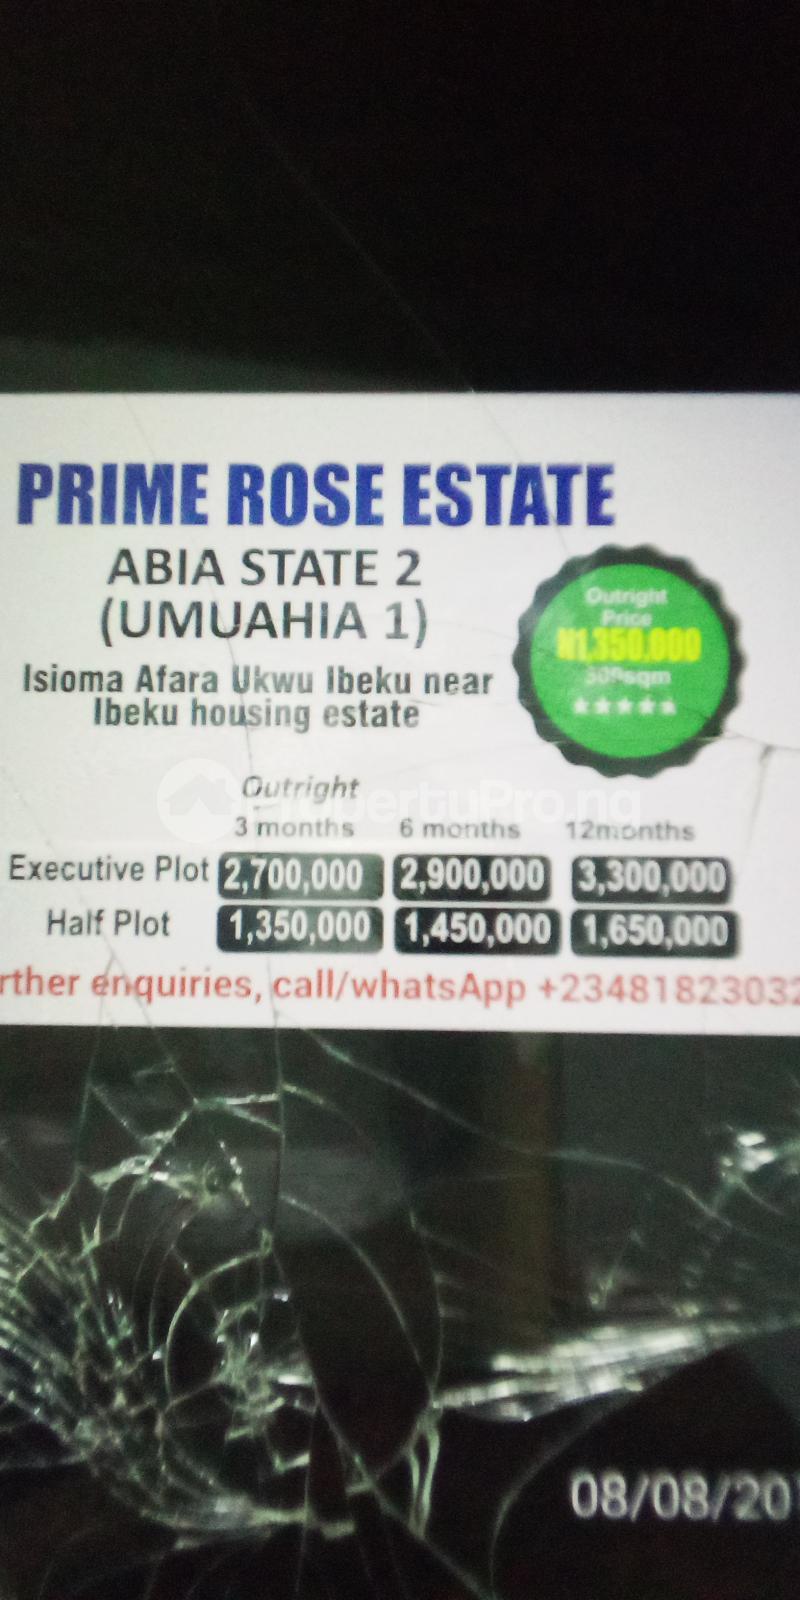 Residential Land Land for sale Isioma Afara Ukwu Ibeku Near Ibeku Housing Estate  Umuahia North Abia - 0